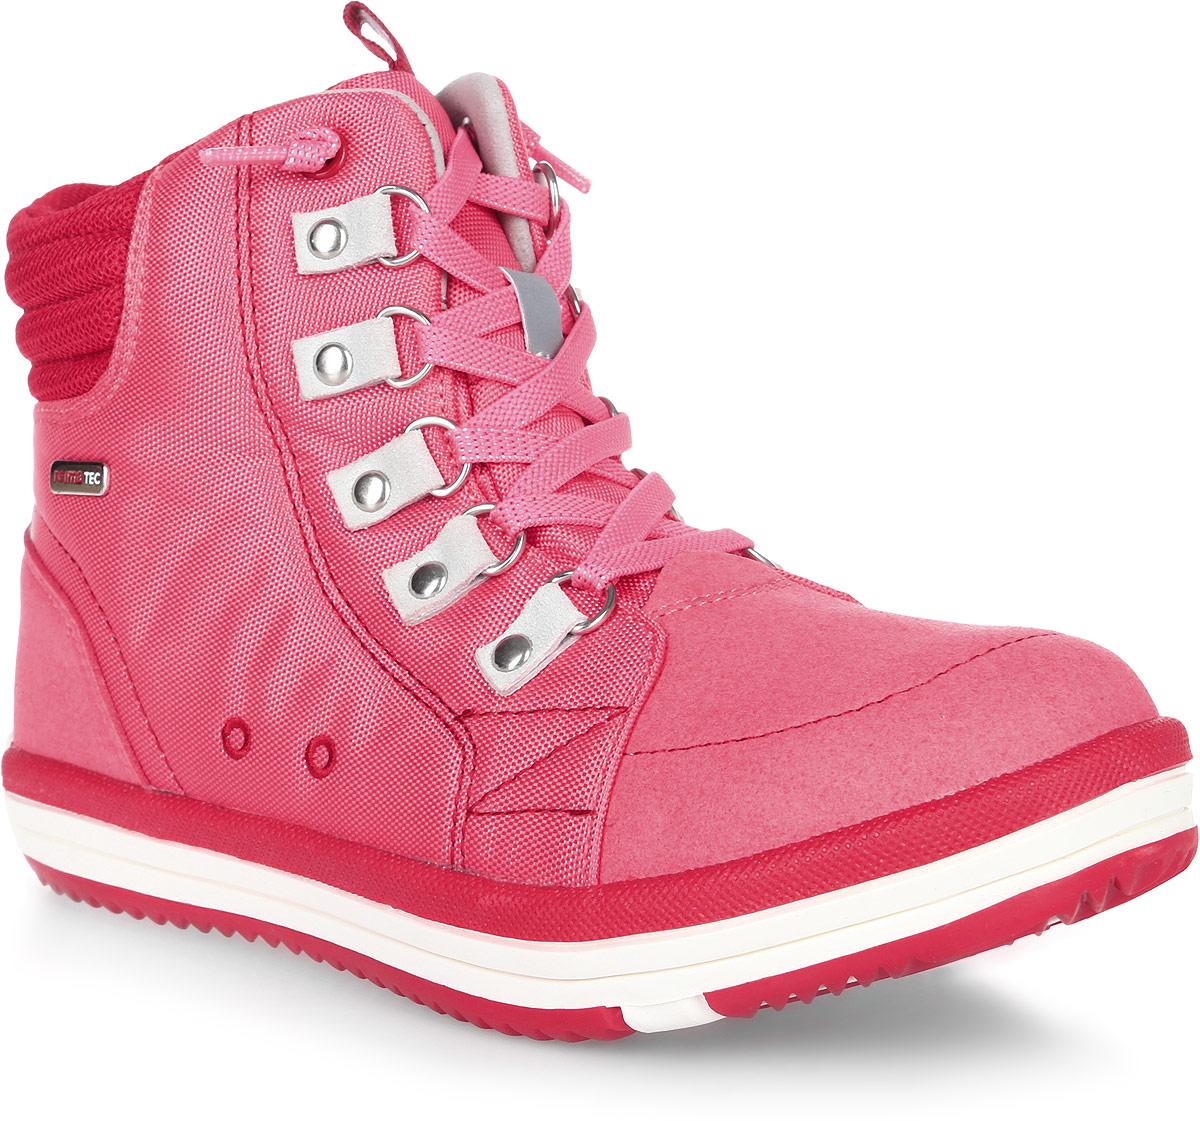 Ботинки детские Reima Wetter Wash, цвет: розовый. 5693033360. Размер 305693033360Водонепроницаемые ботинки Reimatec снабжены водонепроницаемой вставкой с запаянными швами и текстильной подкладкой. Верх сделан из износостойкого нейлона, а носок и задник усилены микрофиброй. Благодаря эластичным шнуркам, надевать боинки Wetter быстро и легко. Обувь снабжена уникальными съемными стельками Reima с принтом Happy Fit, которые помогают правильно определить размер. На подошве также нанесены линии, которые показывают фактический размер модели. Светоотражающие детали и новые жизнерадостные цвета отлично сочетаются с верхней одеждой и аксессуарами Reima. Ботинки пригодны для машинной стирки при 30°C.